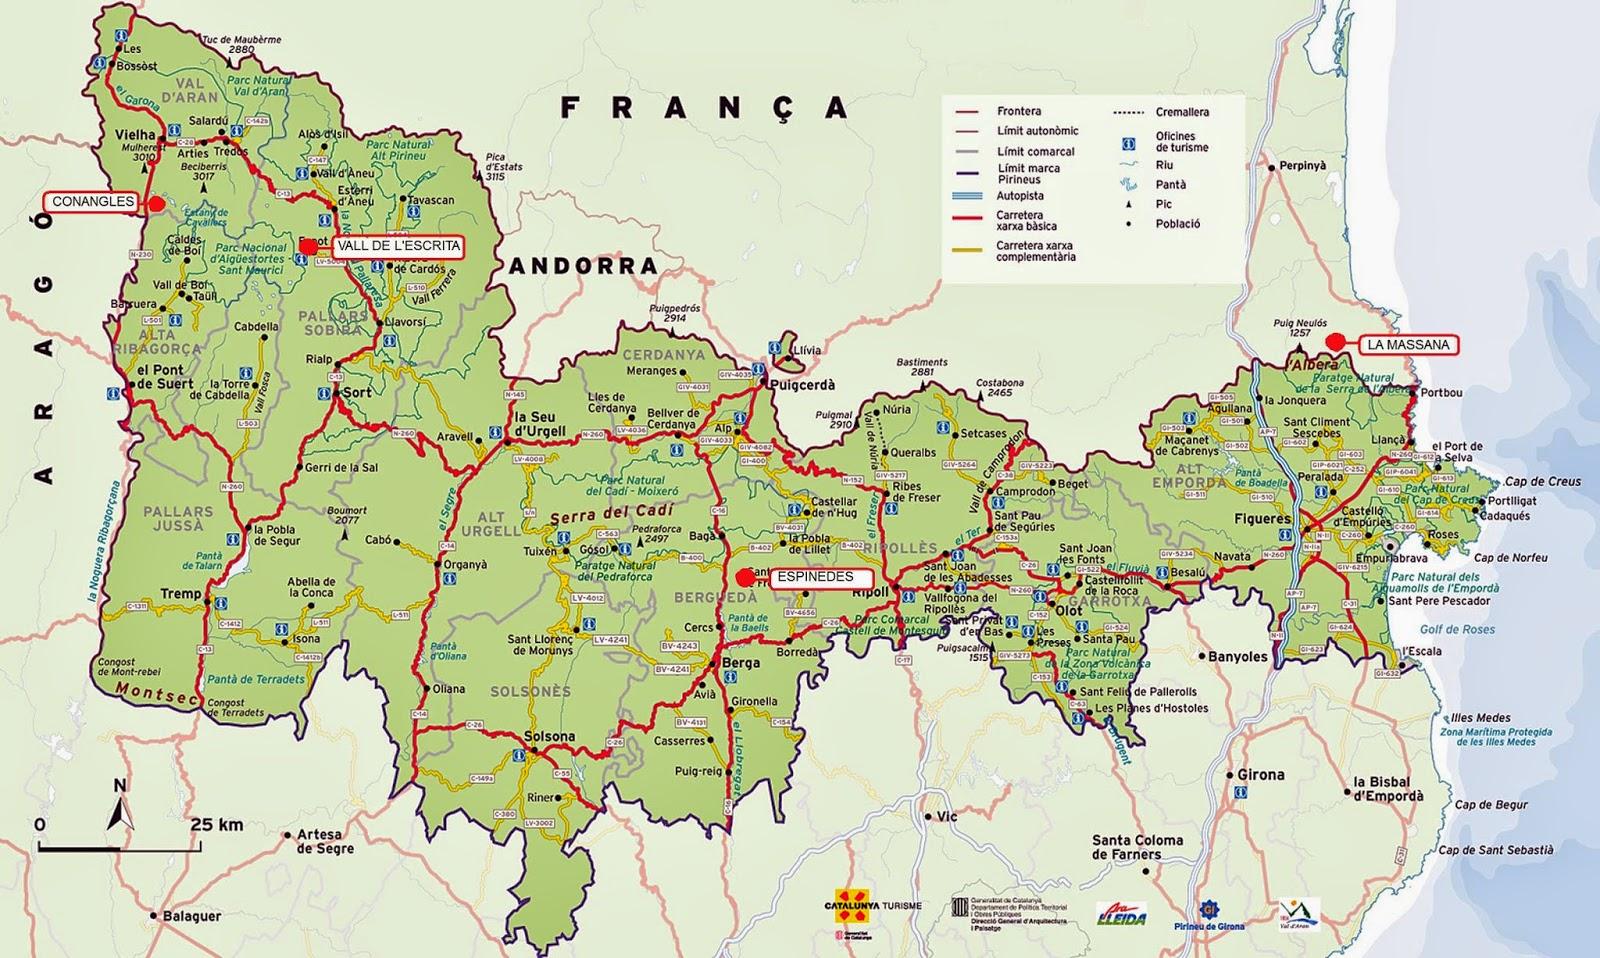 Mapa de boscos caducifolis de Catalunya Bosc de Conangles Vall Escrita